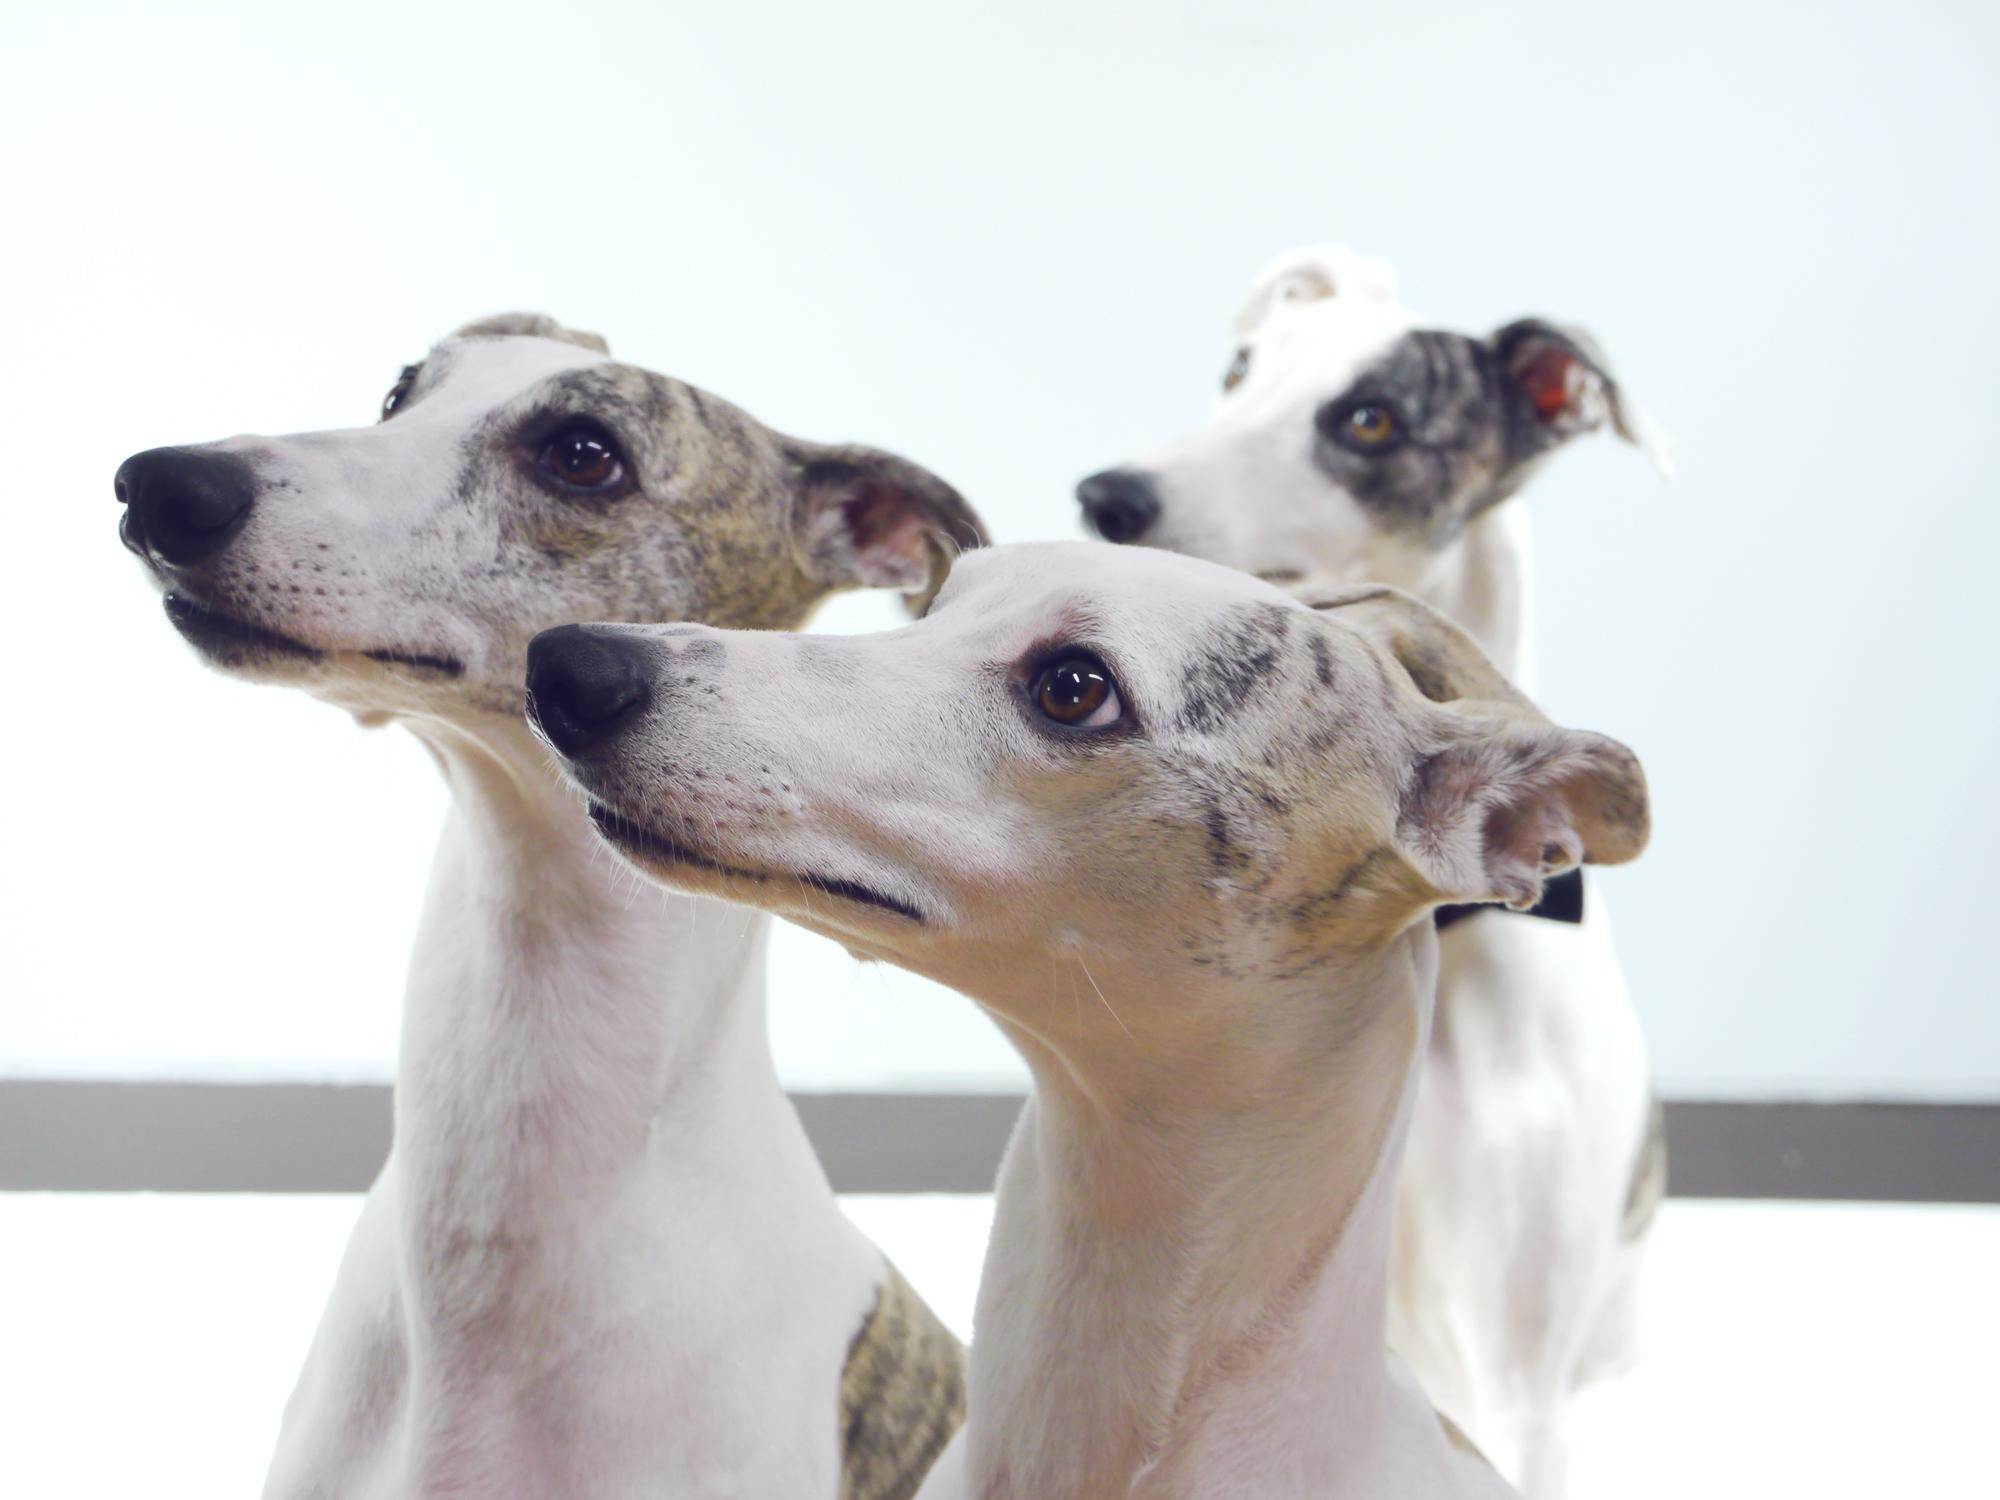 「DOGSNUG(ドッグスナッグ)」の撮影に挑んでくれた山口県在住のウィペットの女の子達